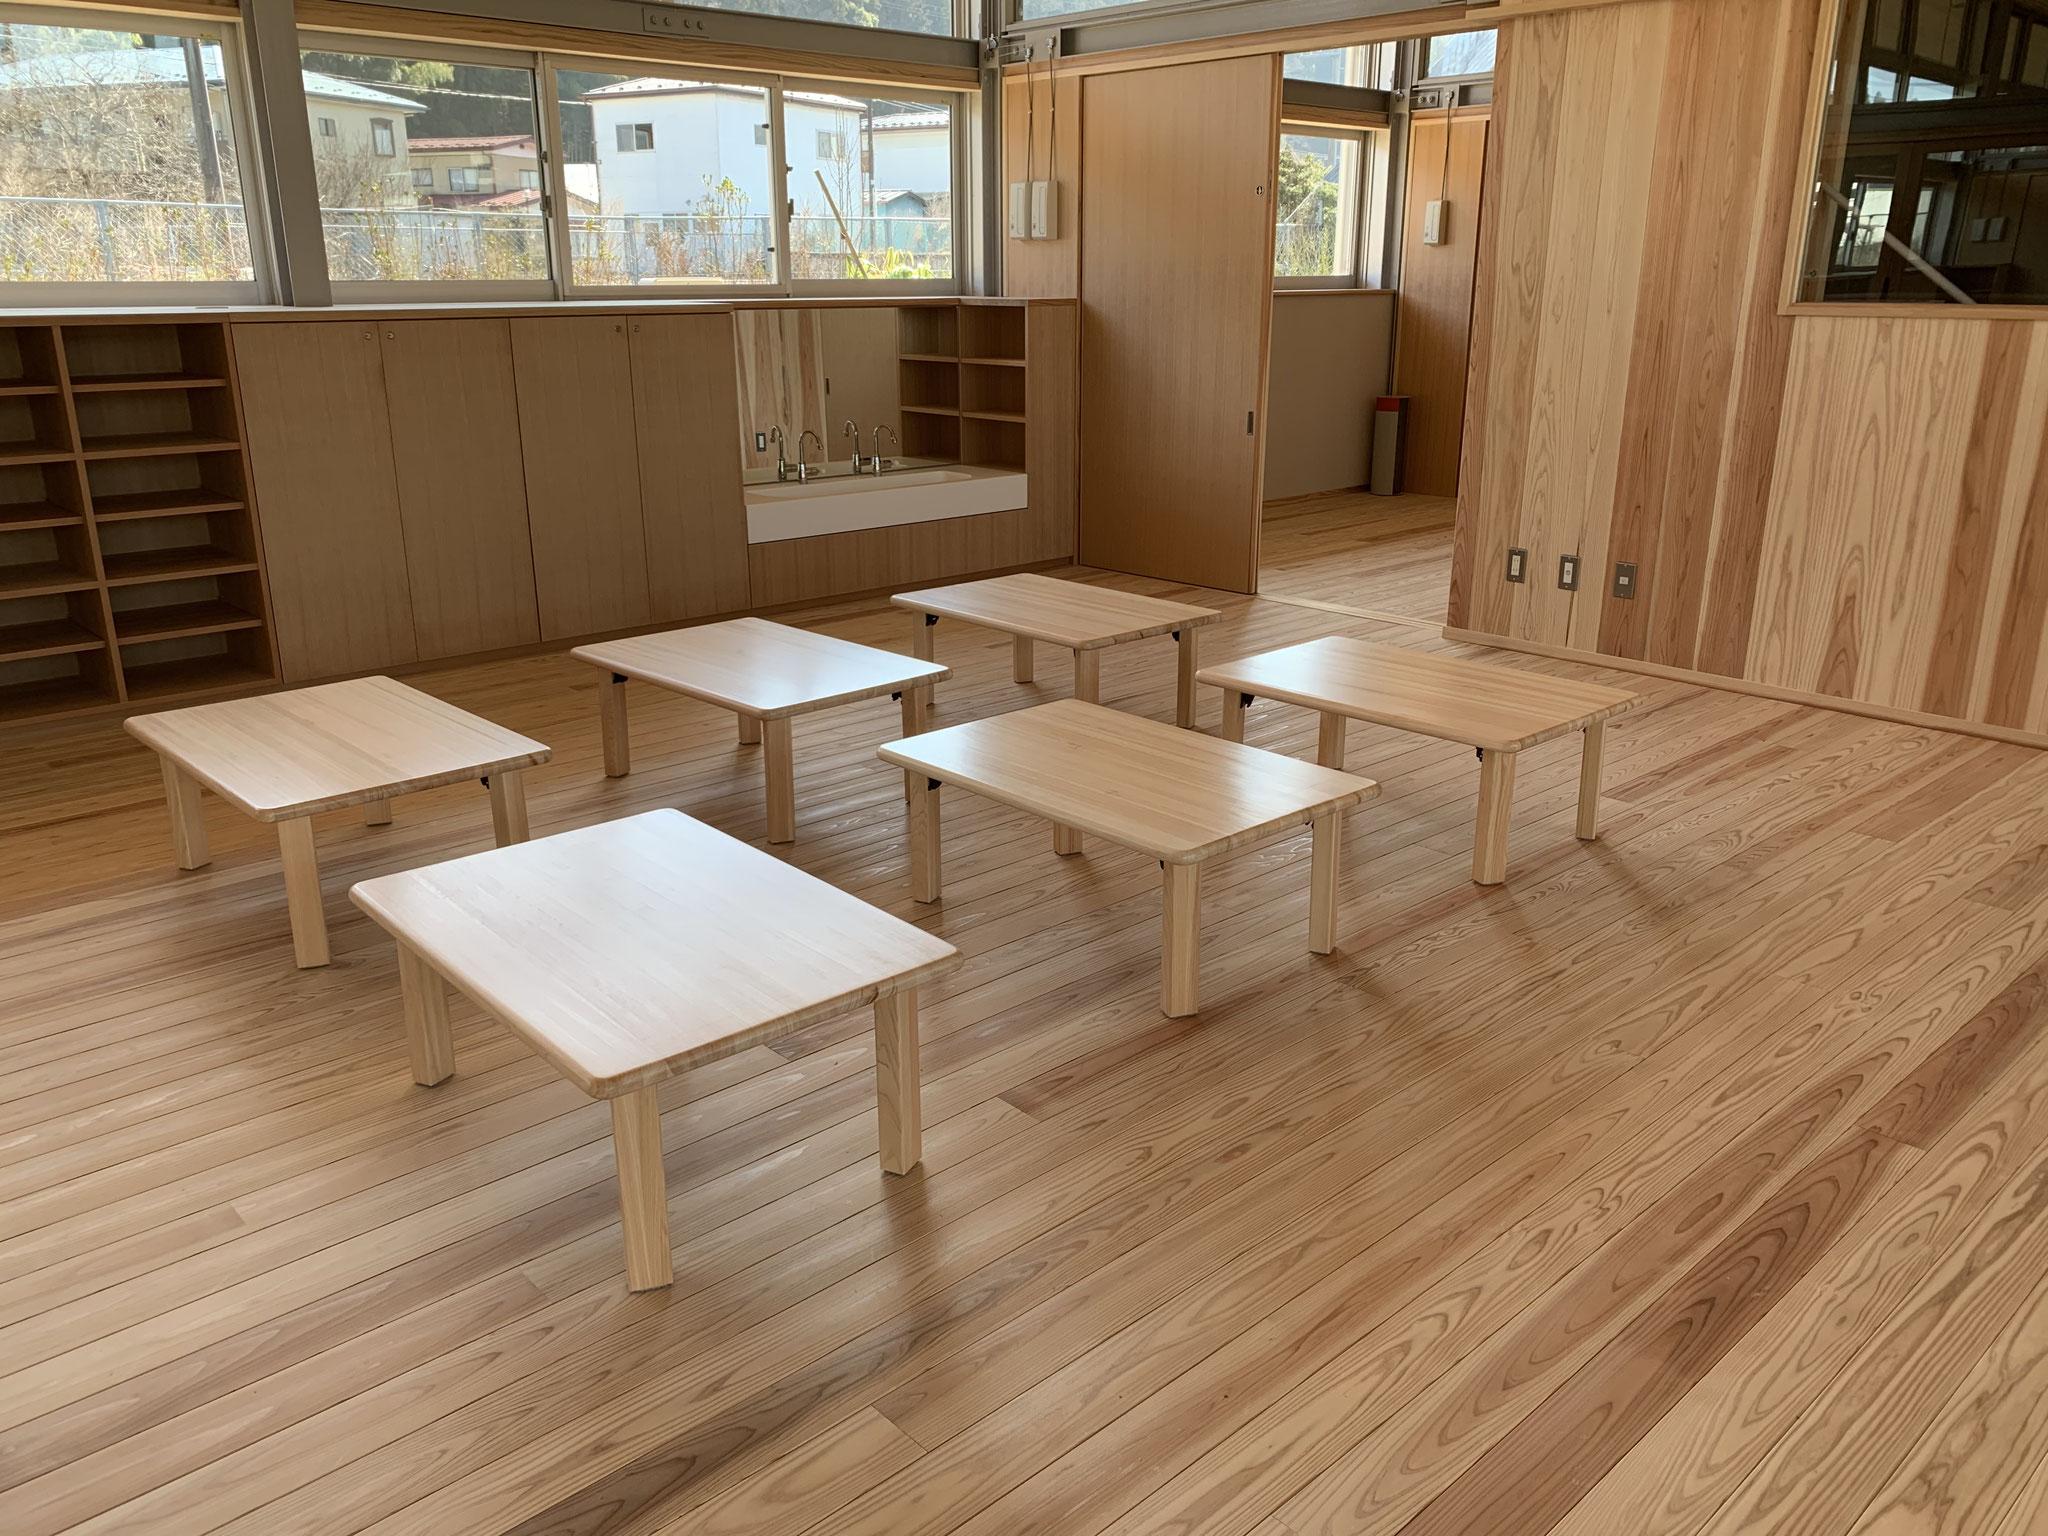 福島県塙町-はなわこども園木製テーブル-県産材桧使用